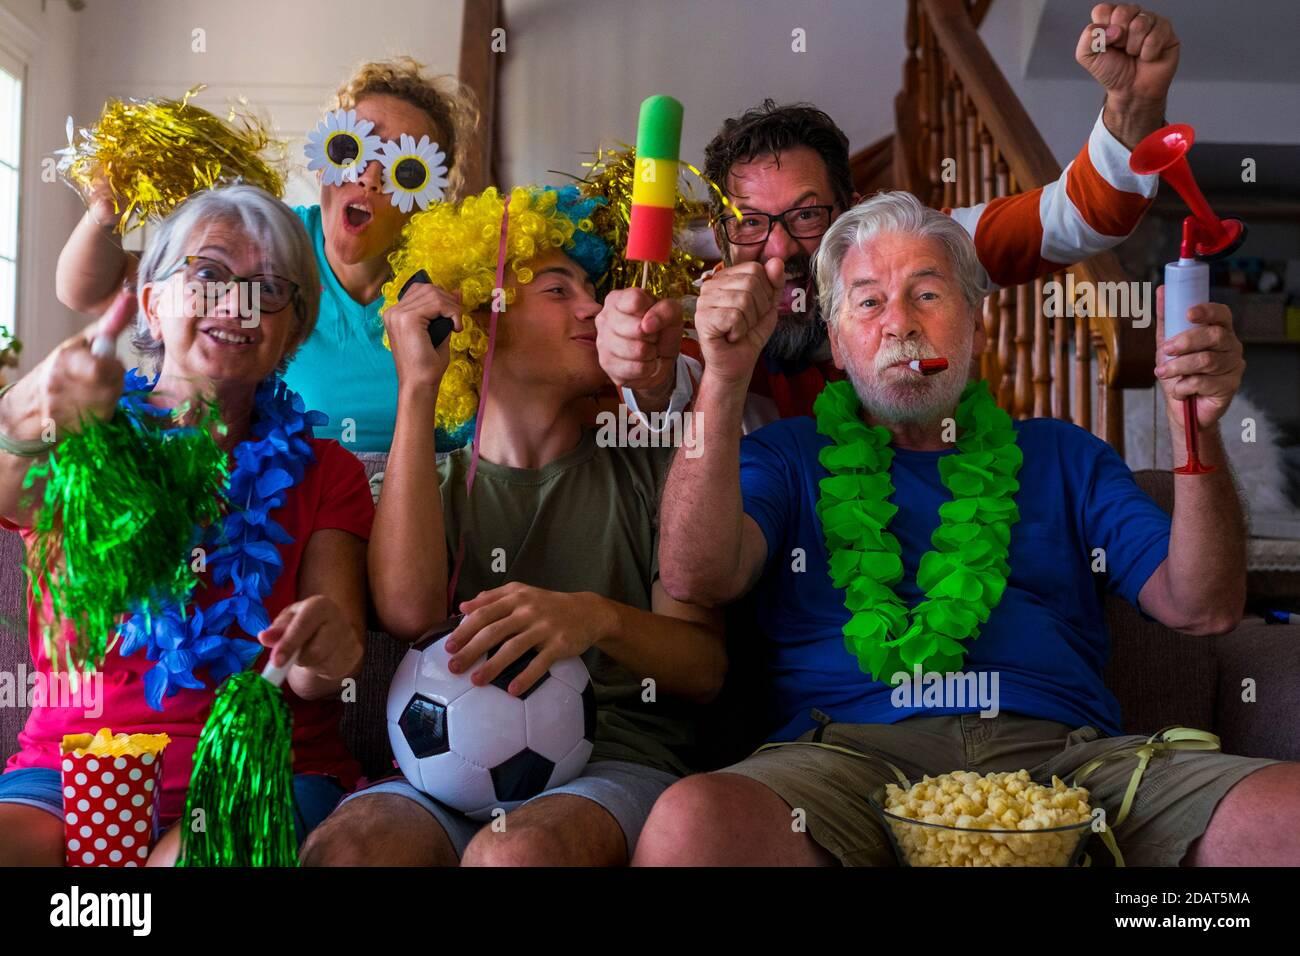 Groupe de supporters de football fous et colorés fêtent et exultent pendant le match - âges mixtes de la famille des caucasiens et les amis aiment le sport su Banque D'Images